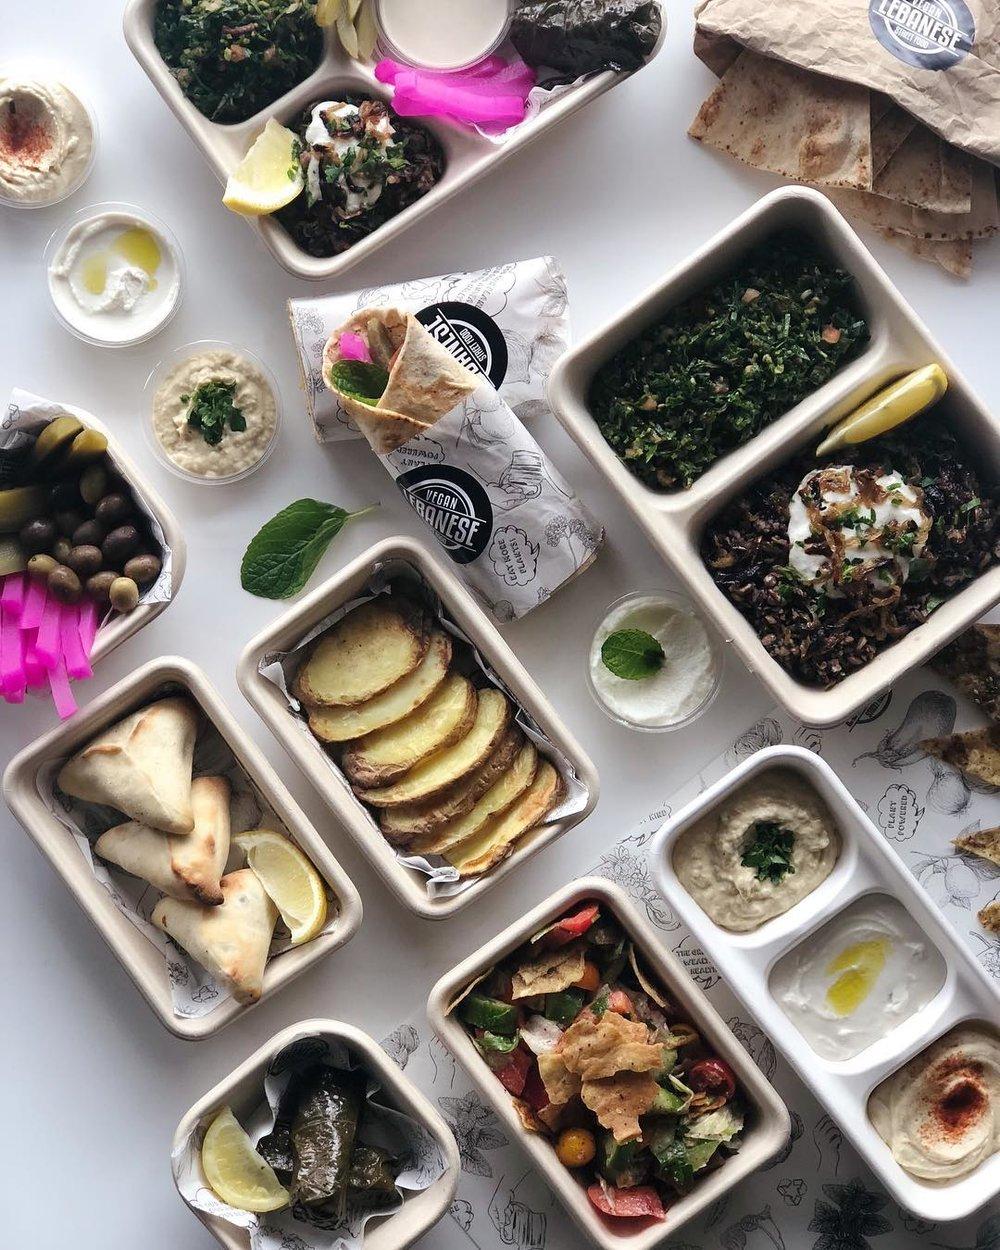 vegan lebanese street food - $ - $$〰 image by @veganlebanesestreetfood